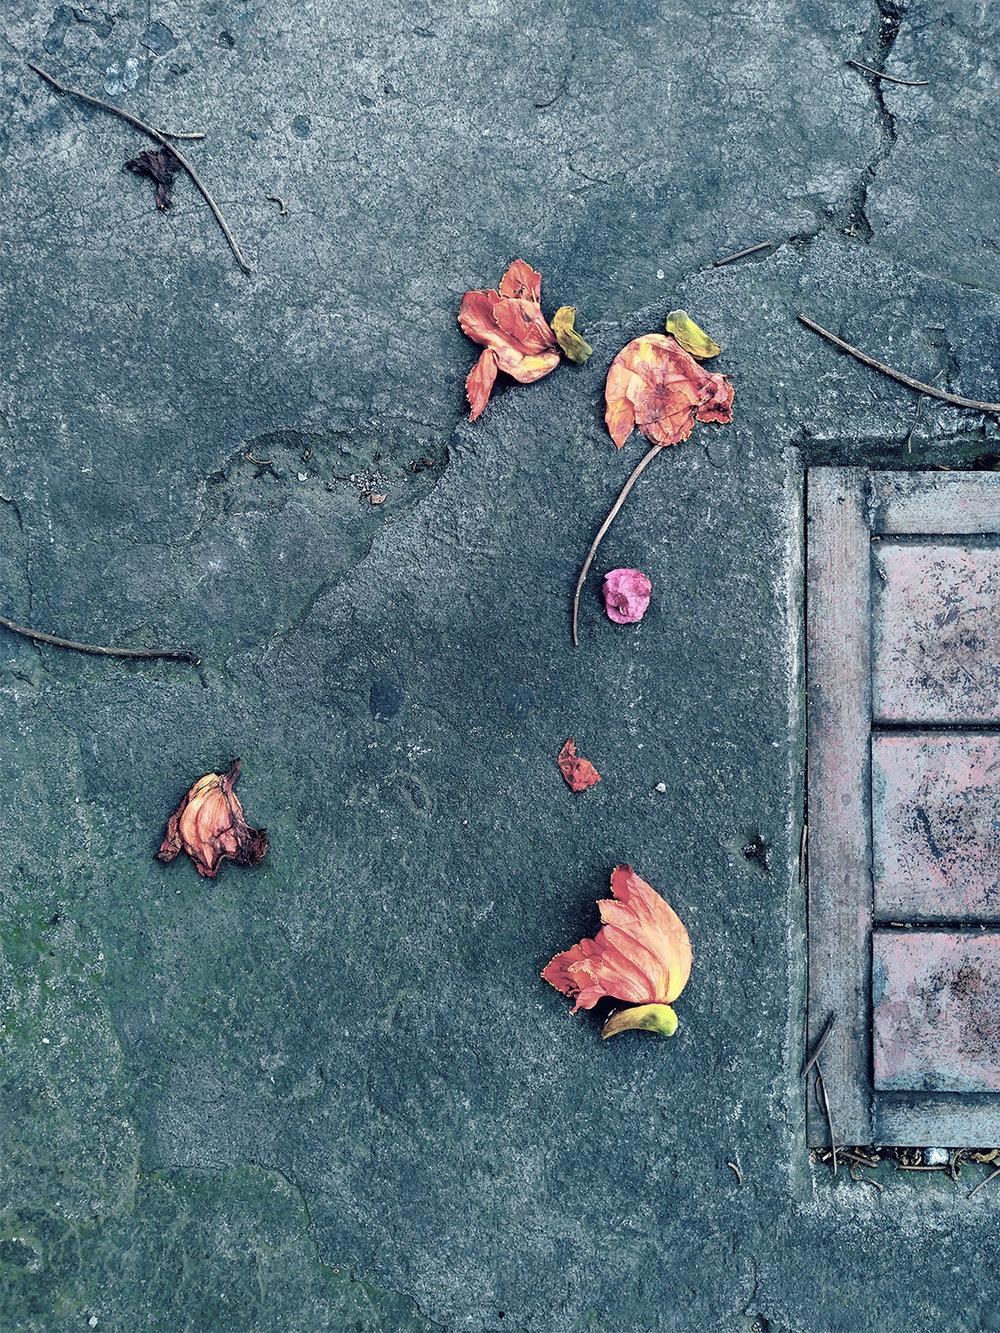 FallenLeaves-SanJose-s.jpg